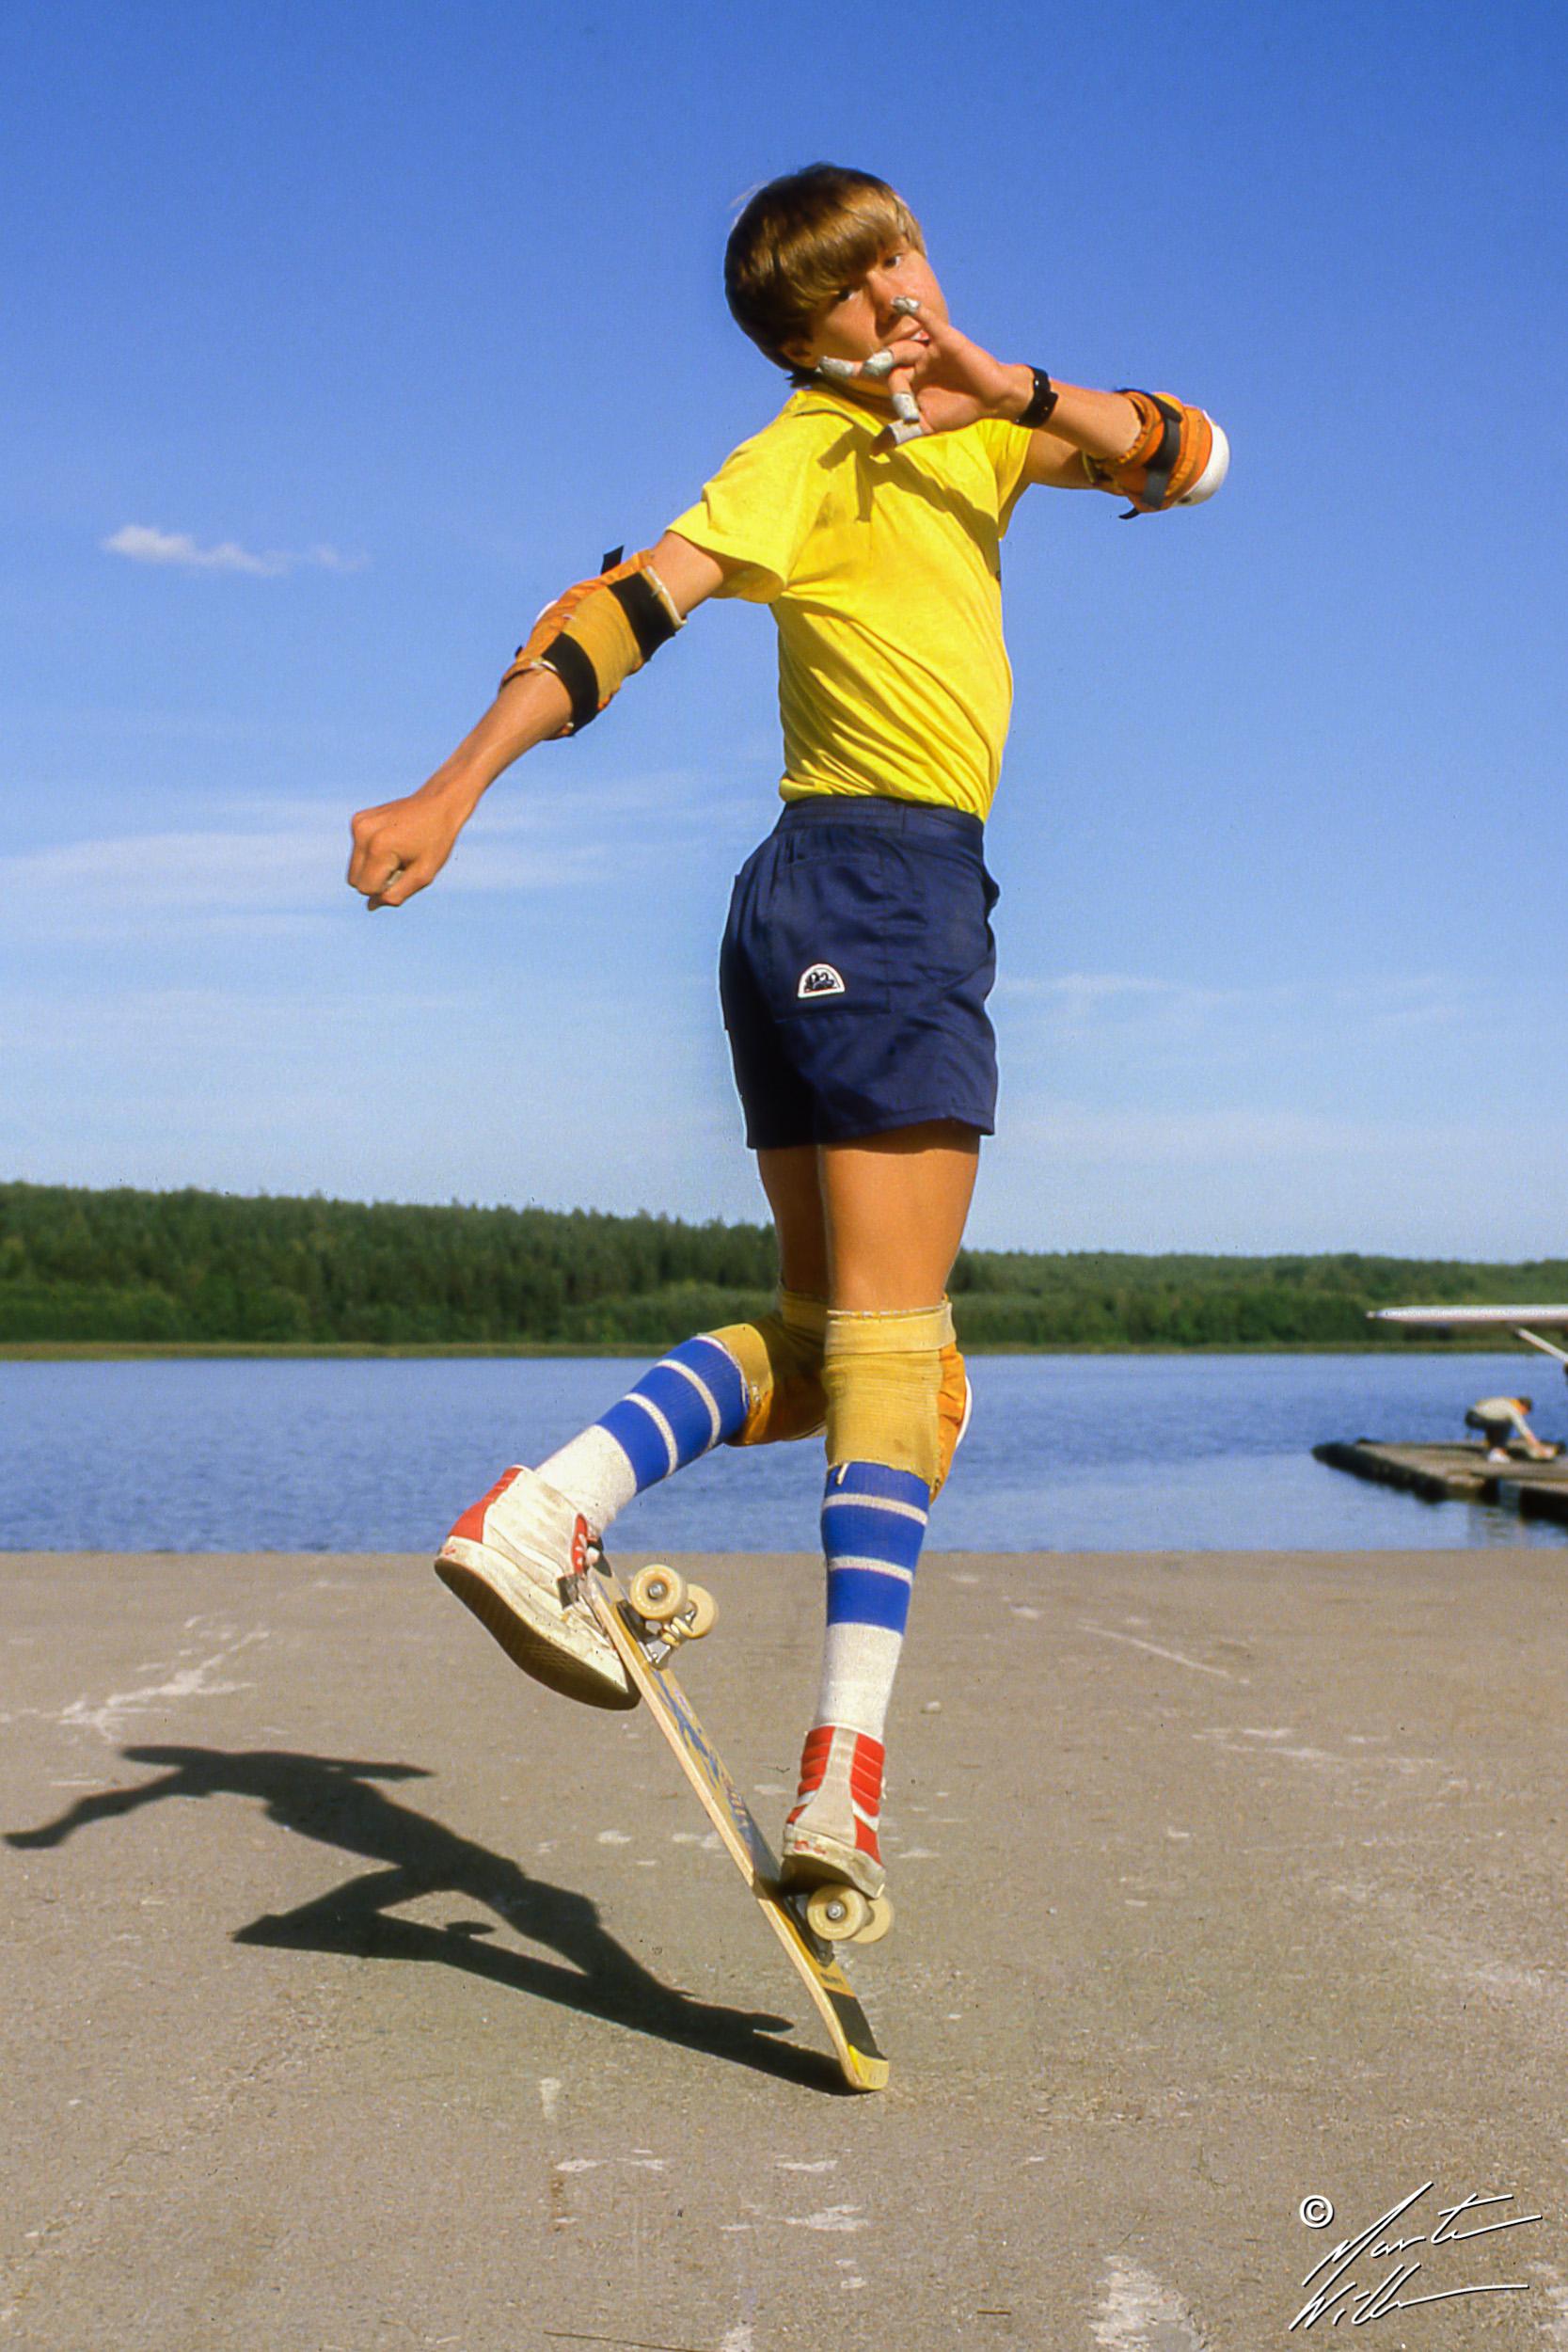 Rodney Mullen, Nohand 50/50, Summer Camp, Täby  1983